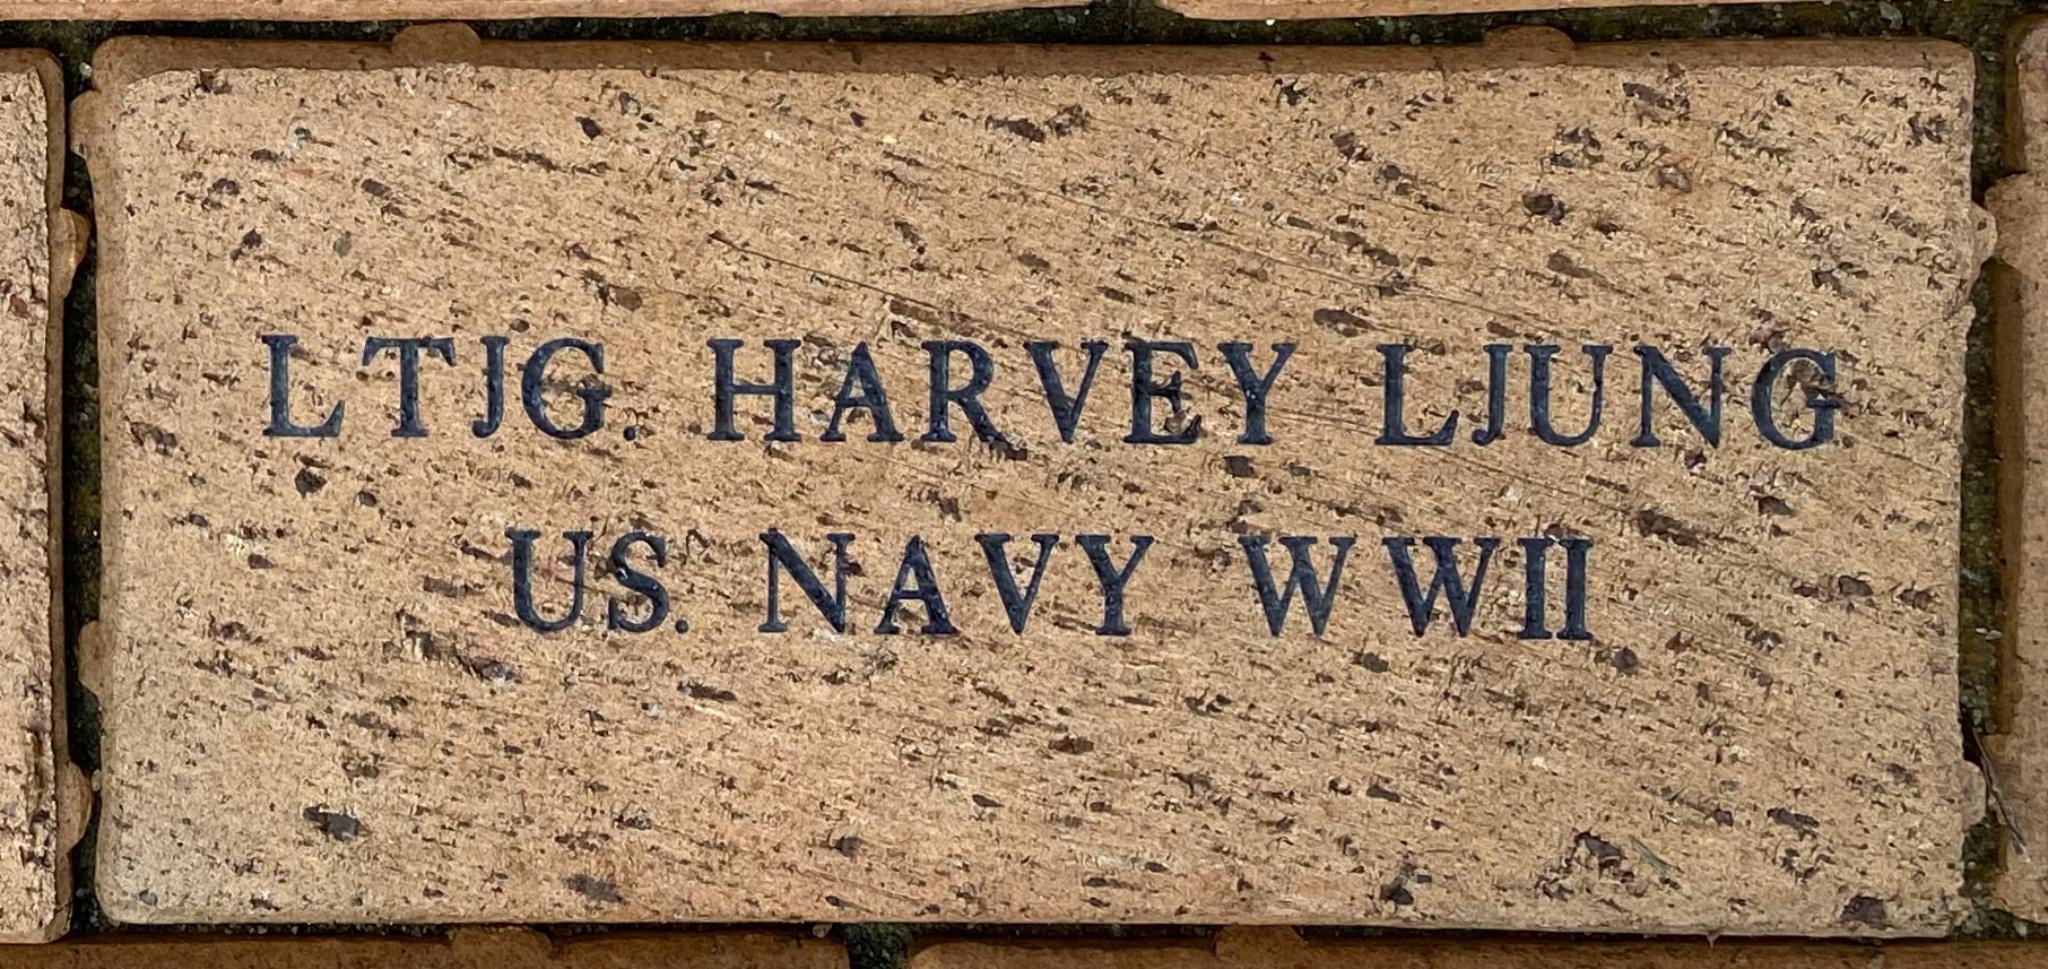 LTJG. HARVEY LJUNG US NAVY WWII